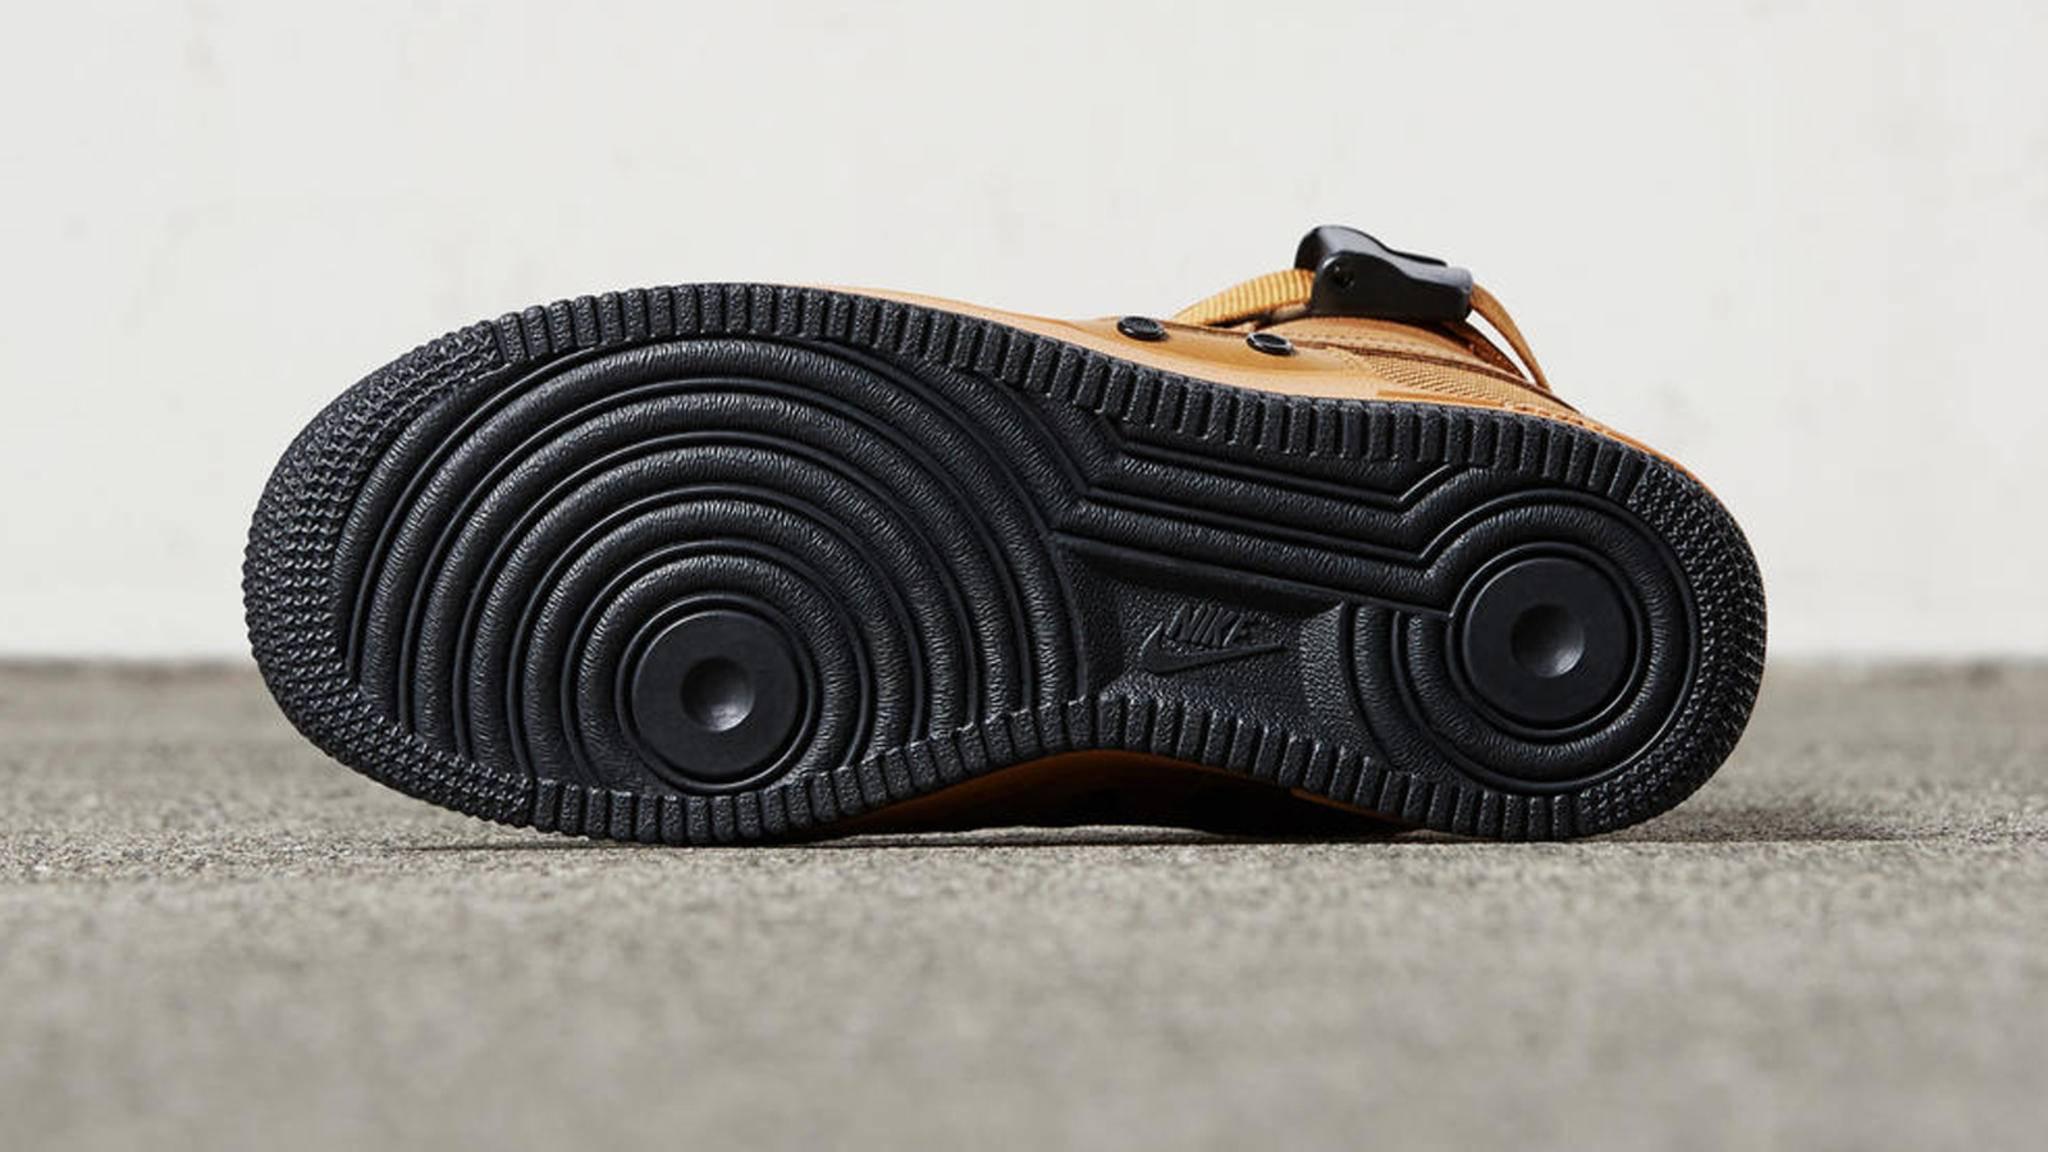 Wer den Look der Sneaker-Sohle der Air Force 1 als Handy-Hülle möchte, hat nun die perfekte Gelegenheit – zumindest in den USA.